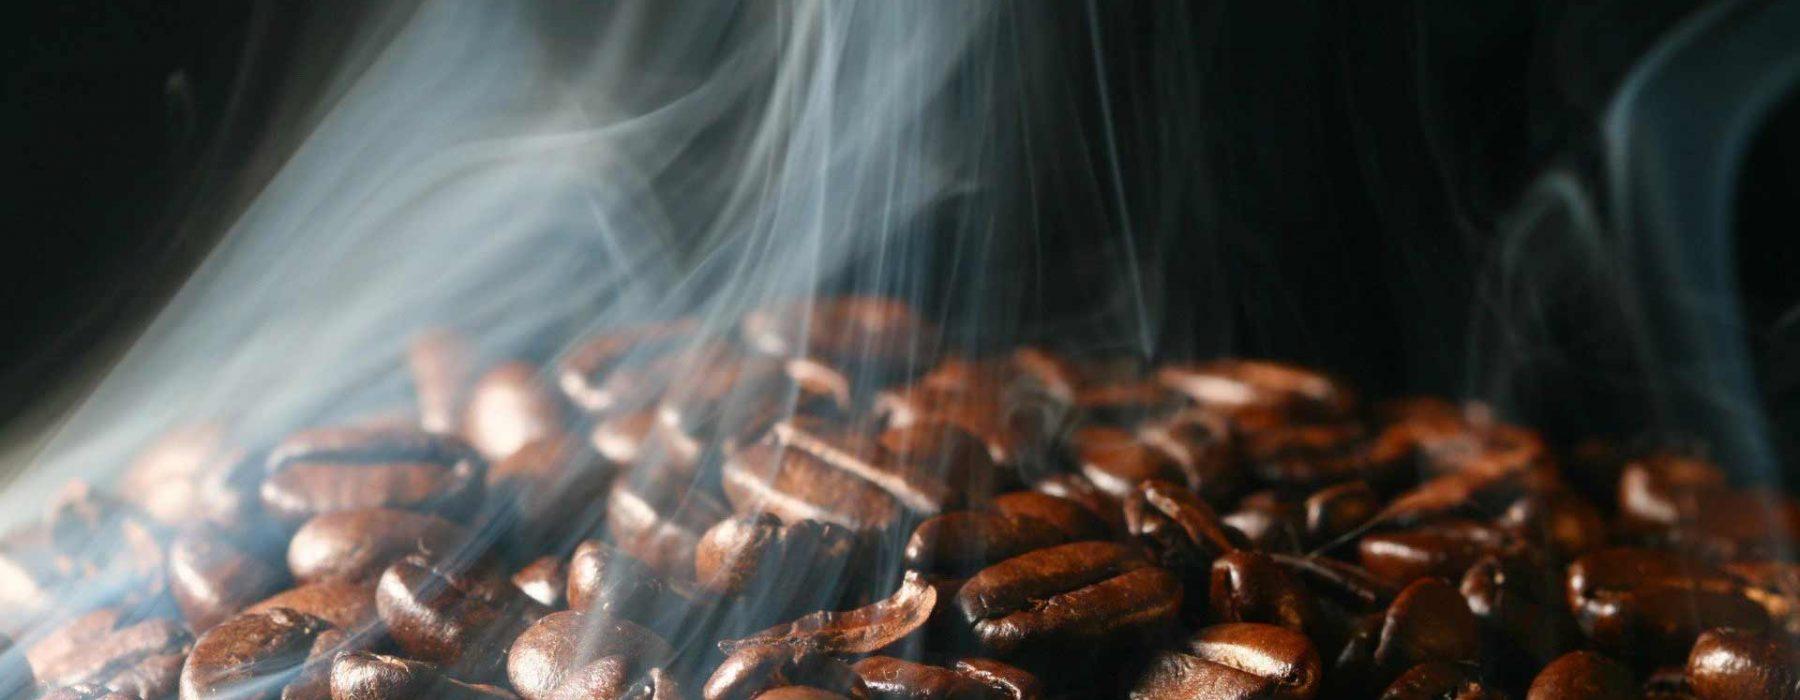 Da torrefacção artesanal o café italiano mais autêntico